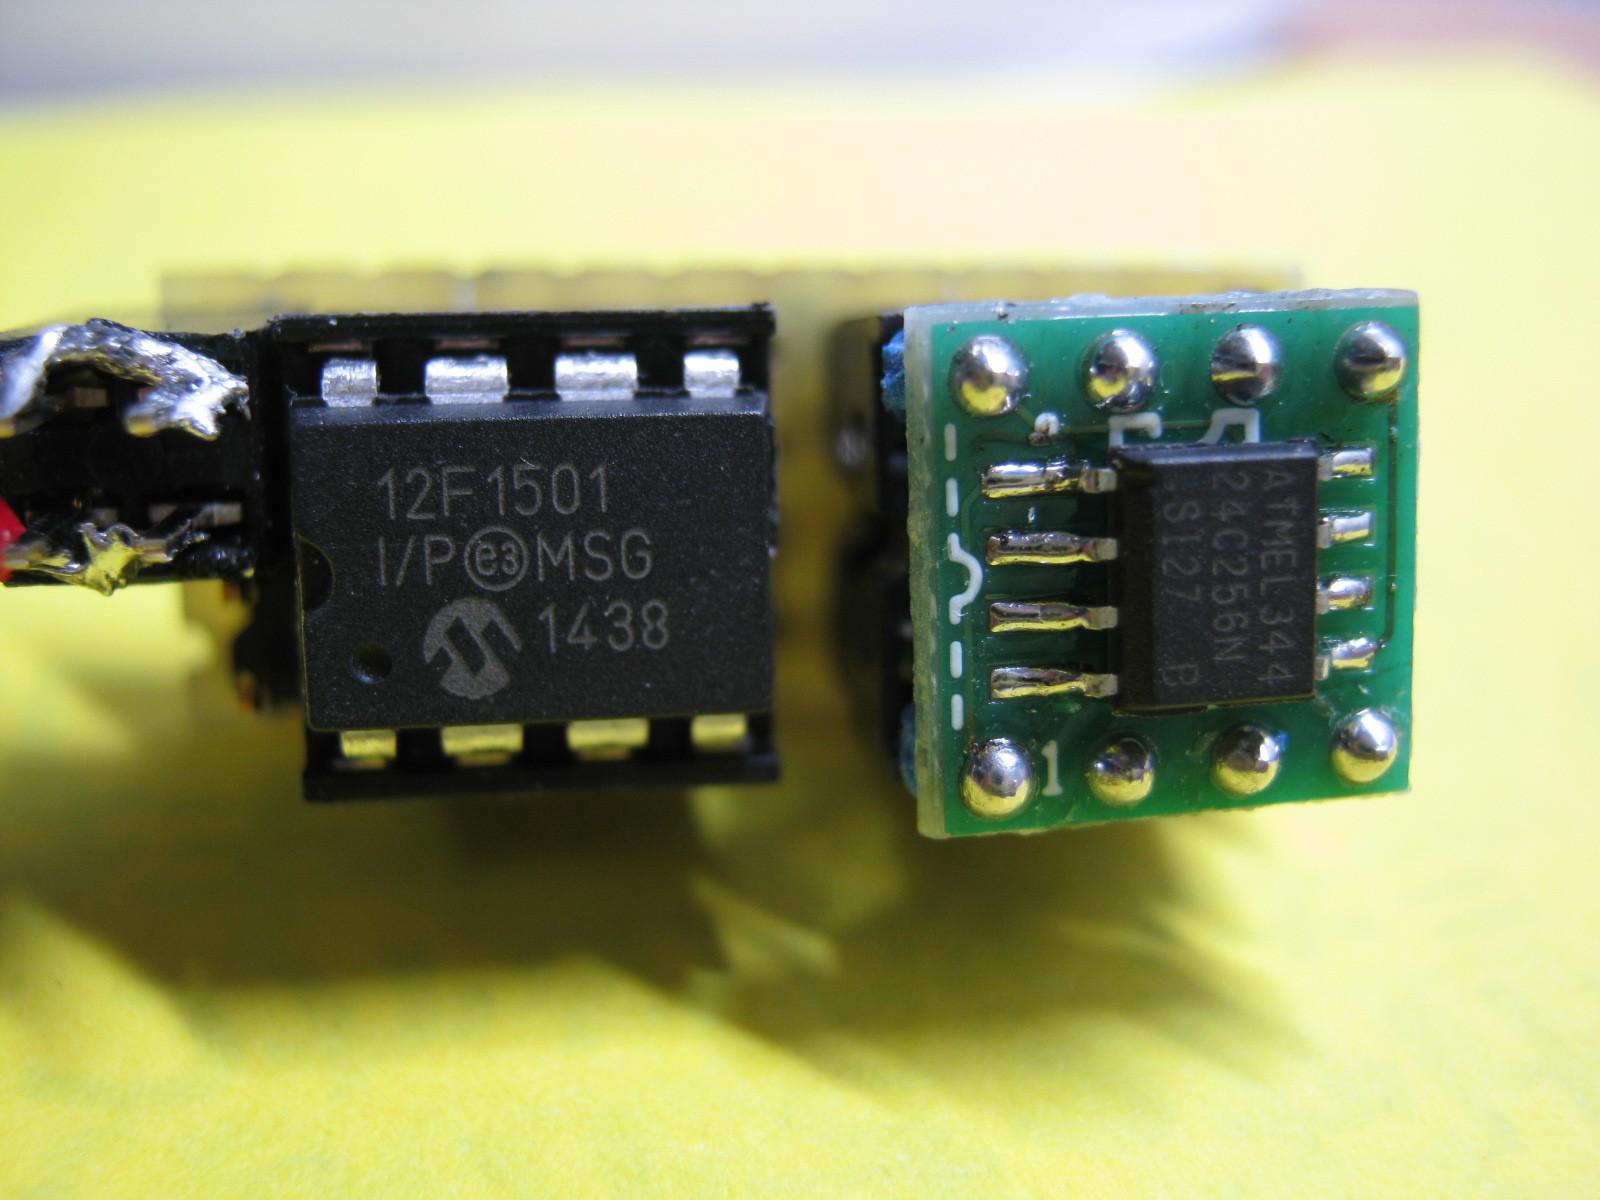 ミミクリ基板換装12F1501基板